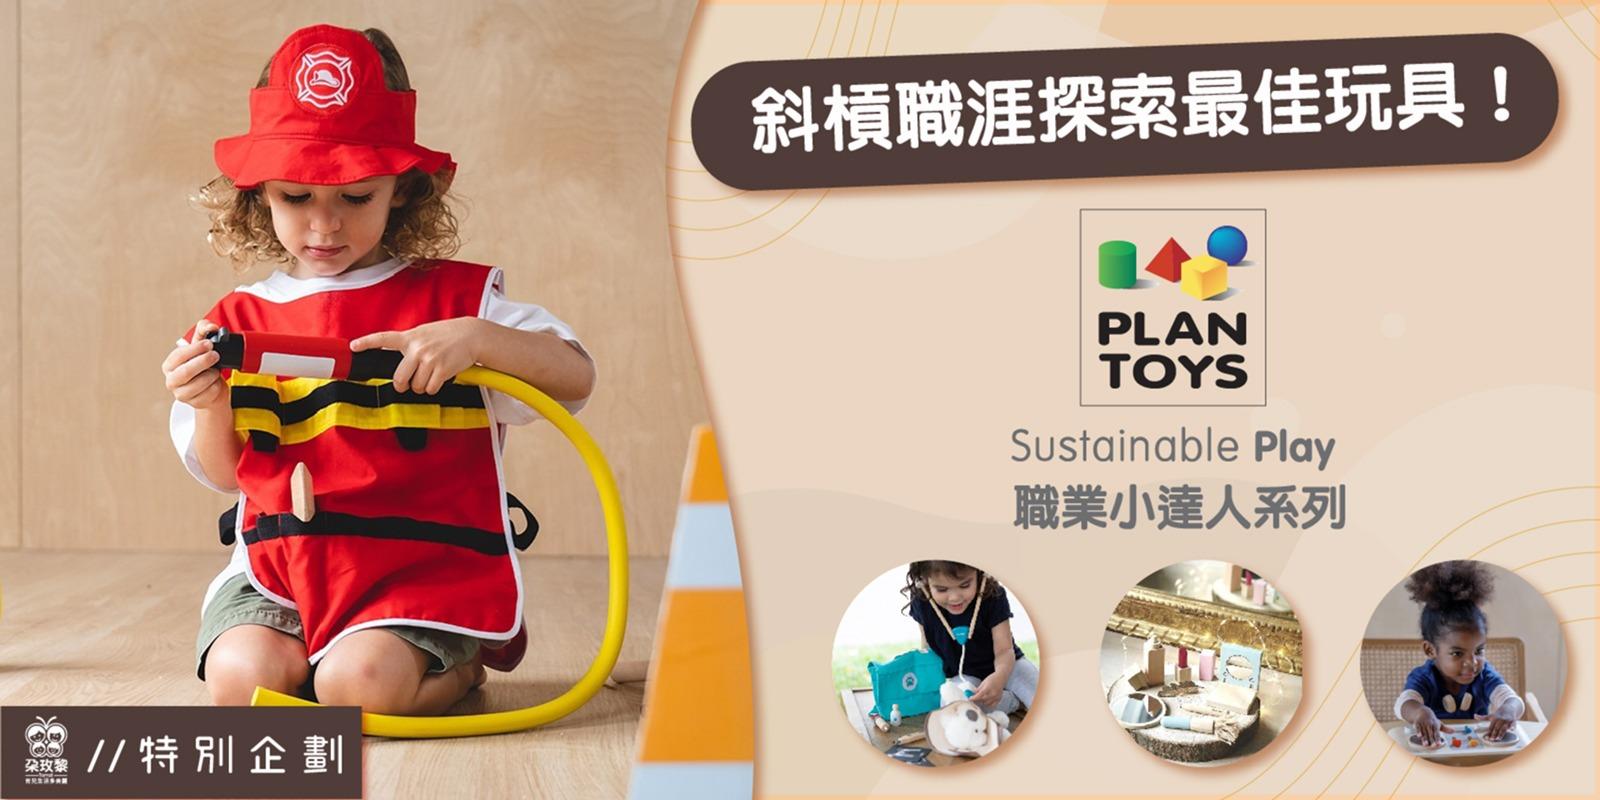 朶特企|斜槓職涯探索最佳玩具!Plantoys職業小達人系列